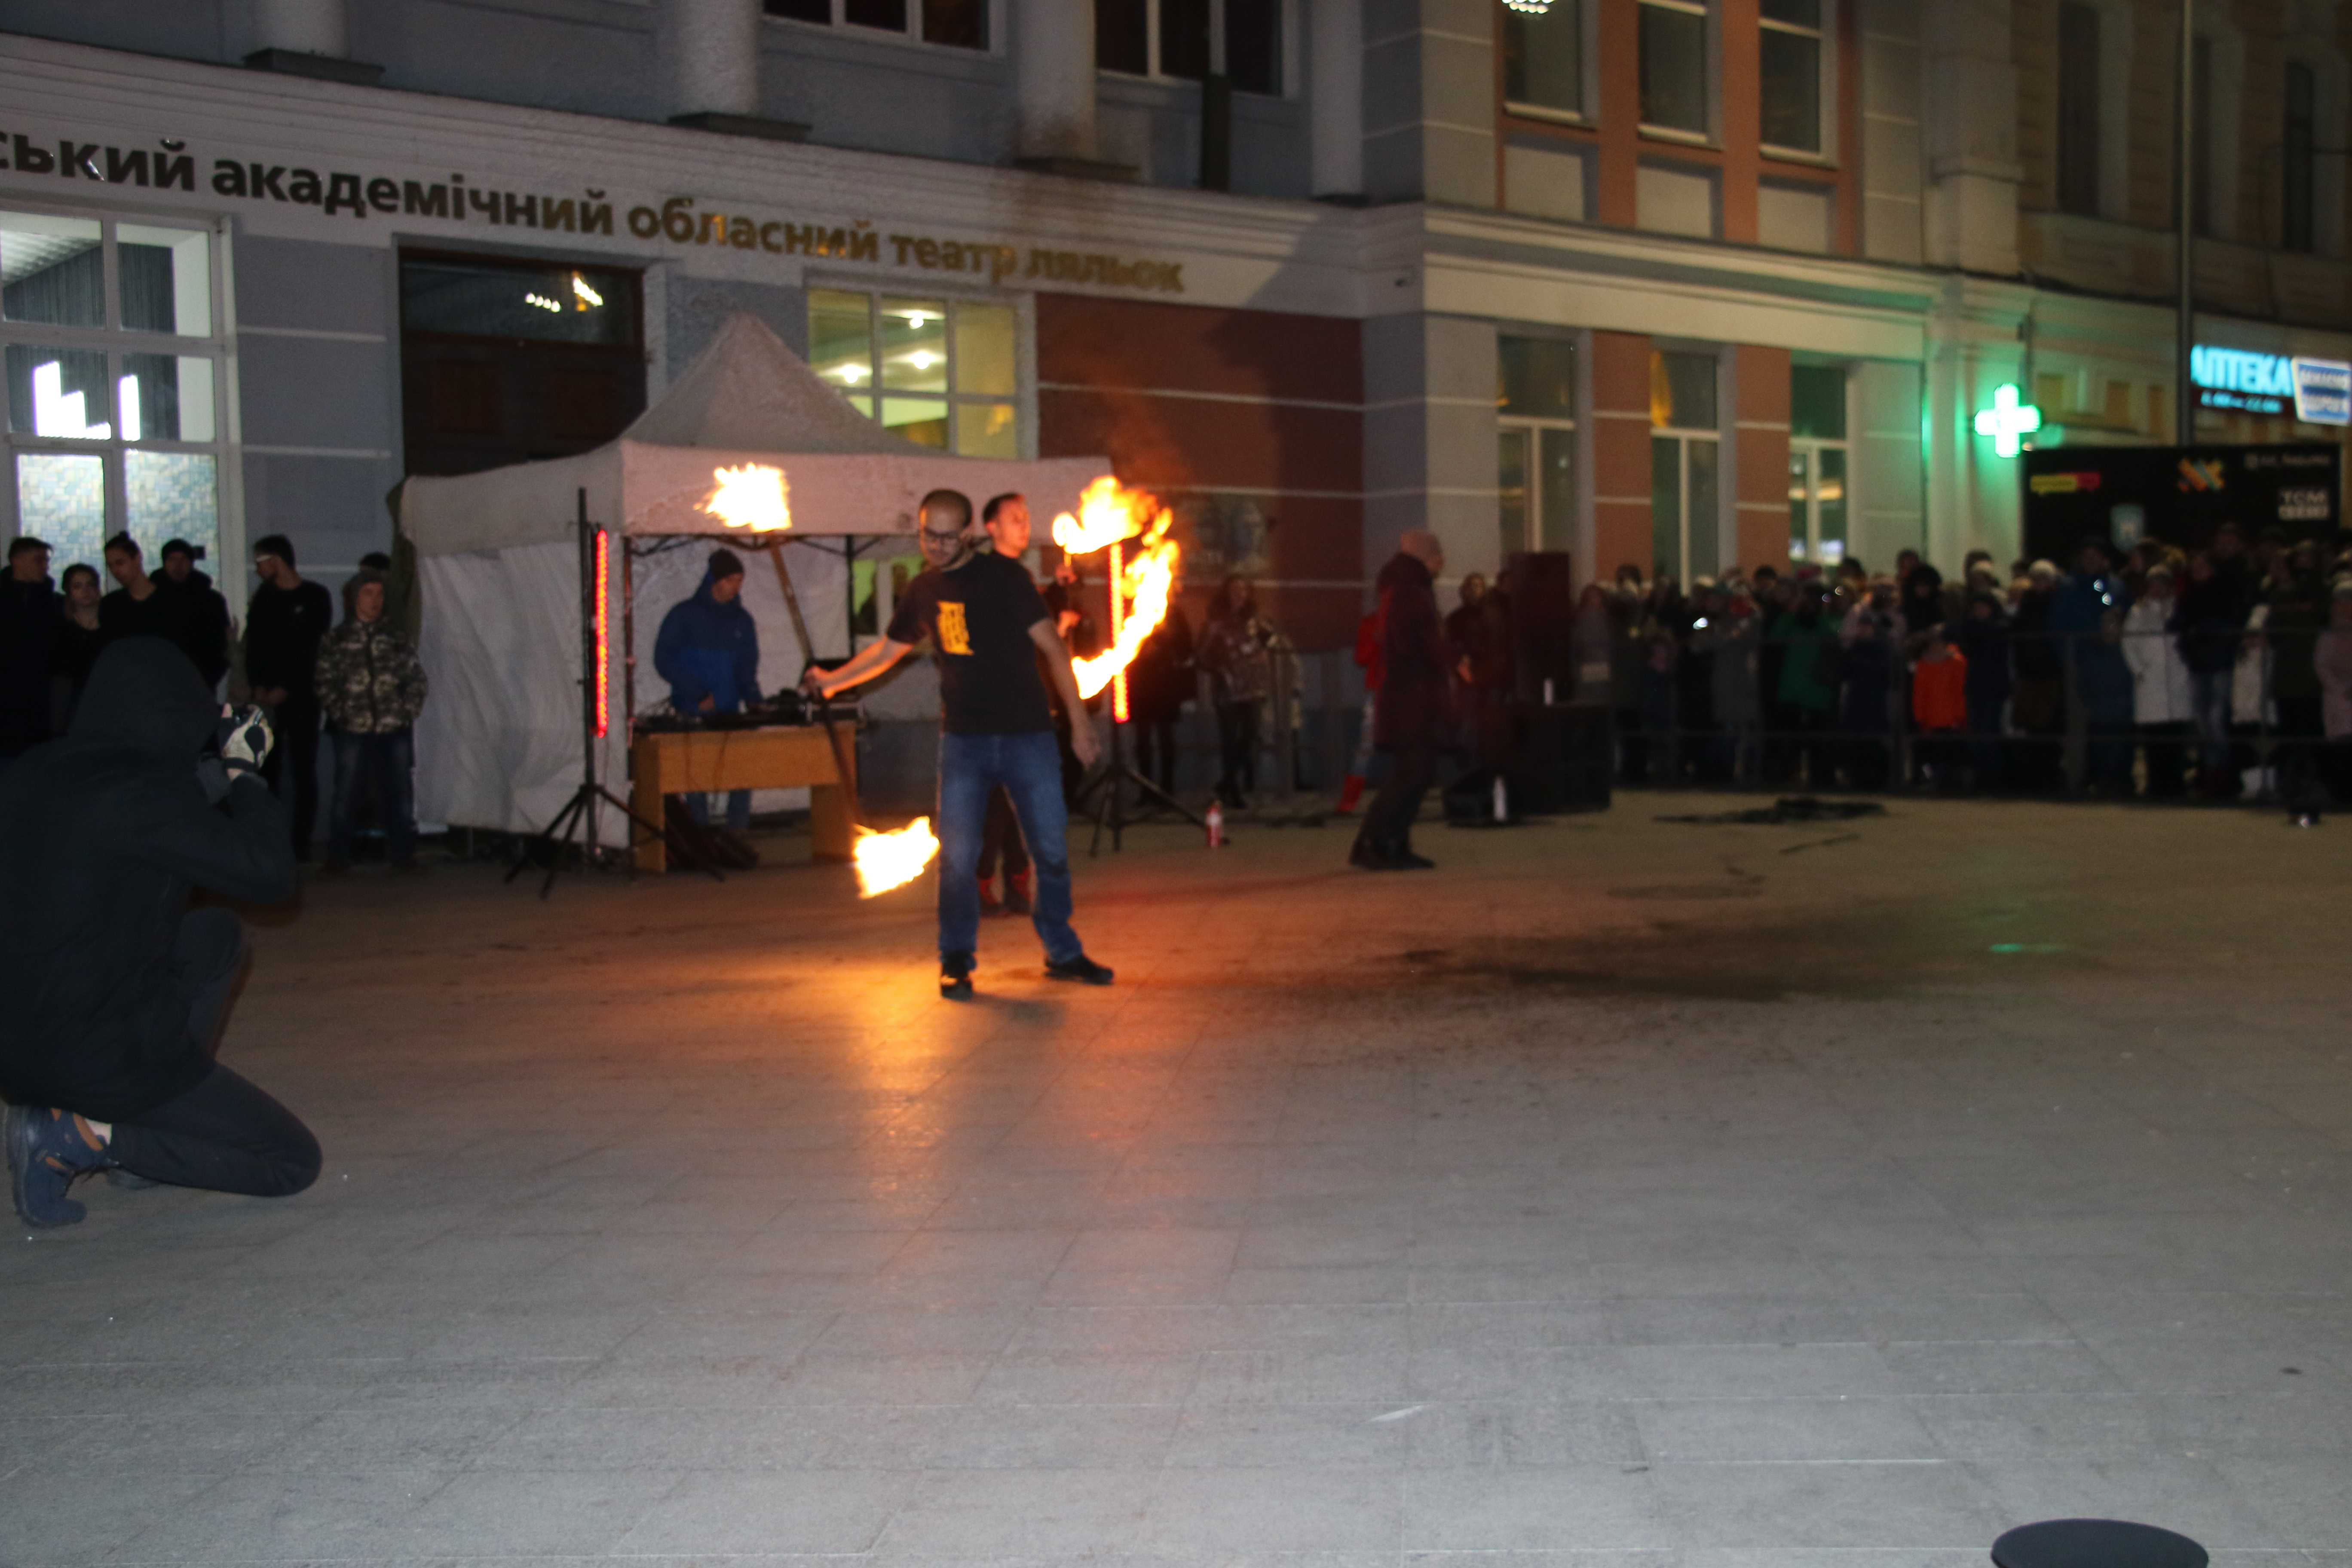 До Дня студента на Михайлівській відбувся FIRE BATTLE - ZHYTOMYR 2018